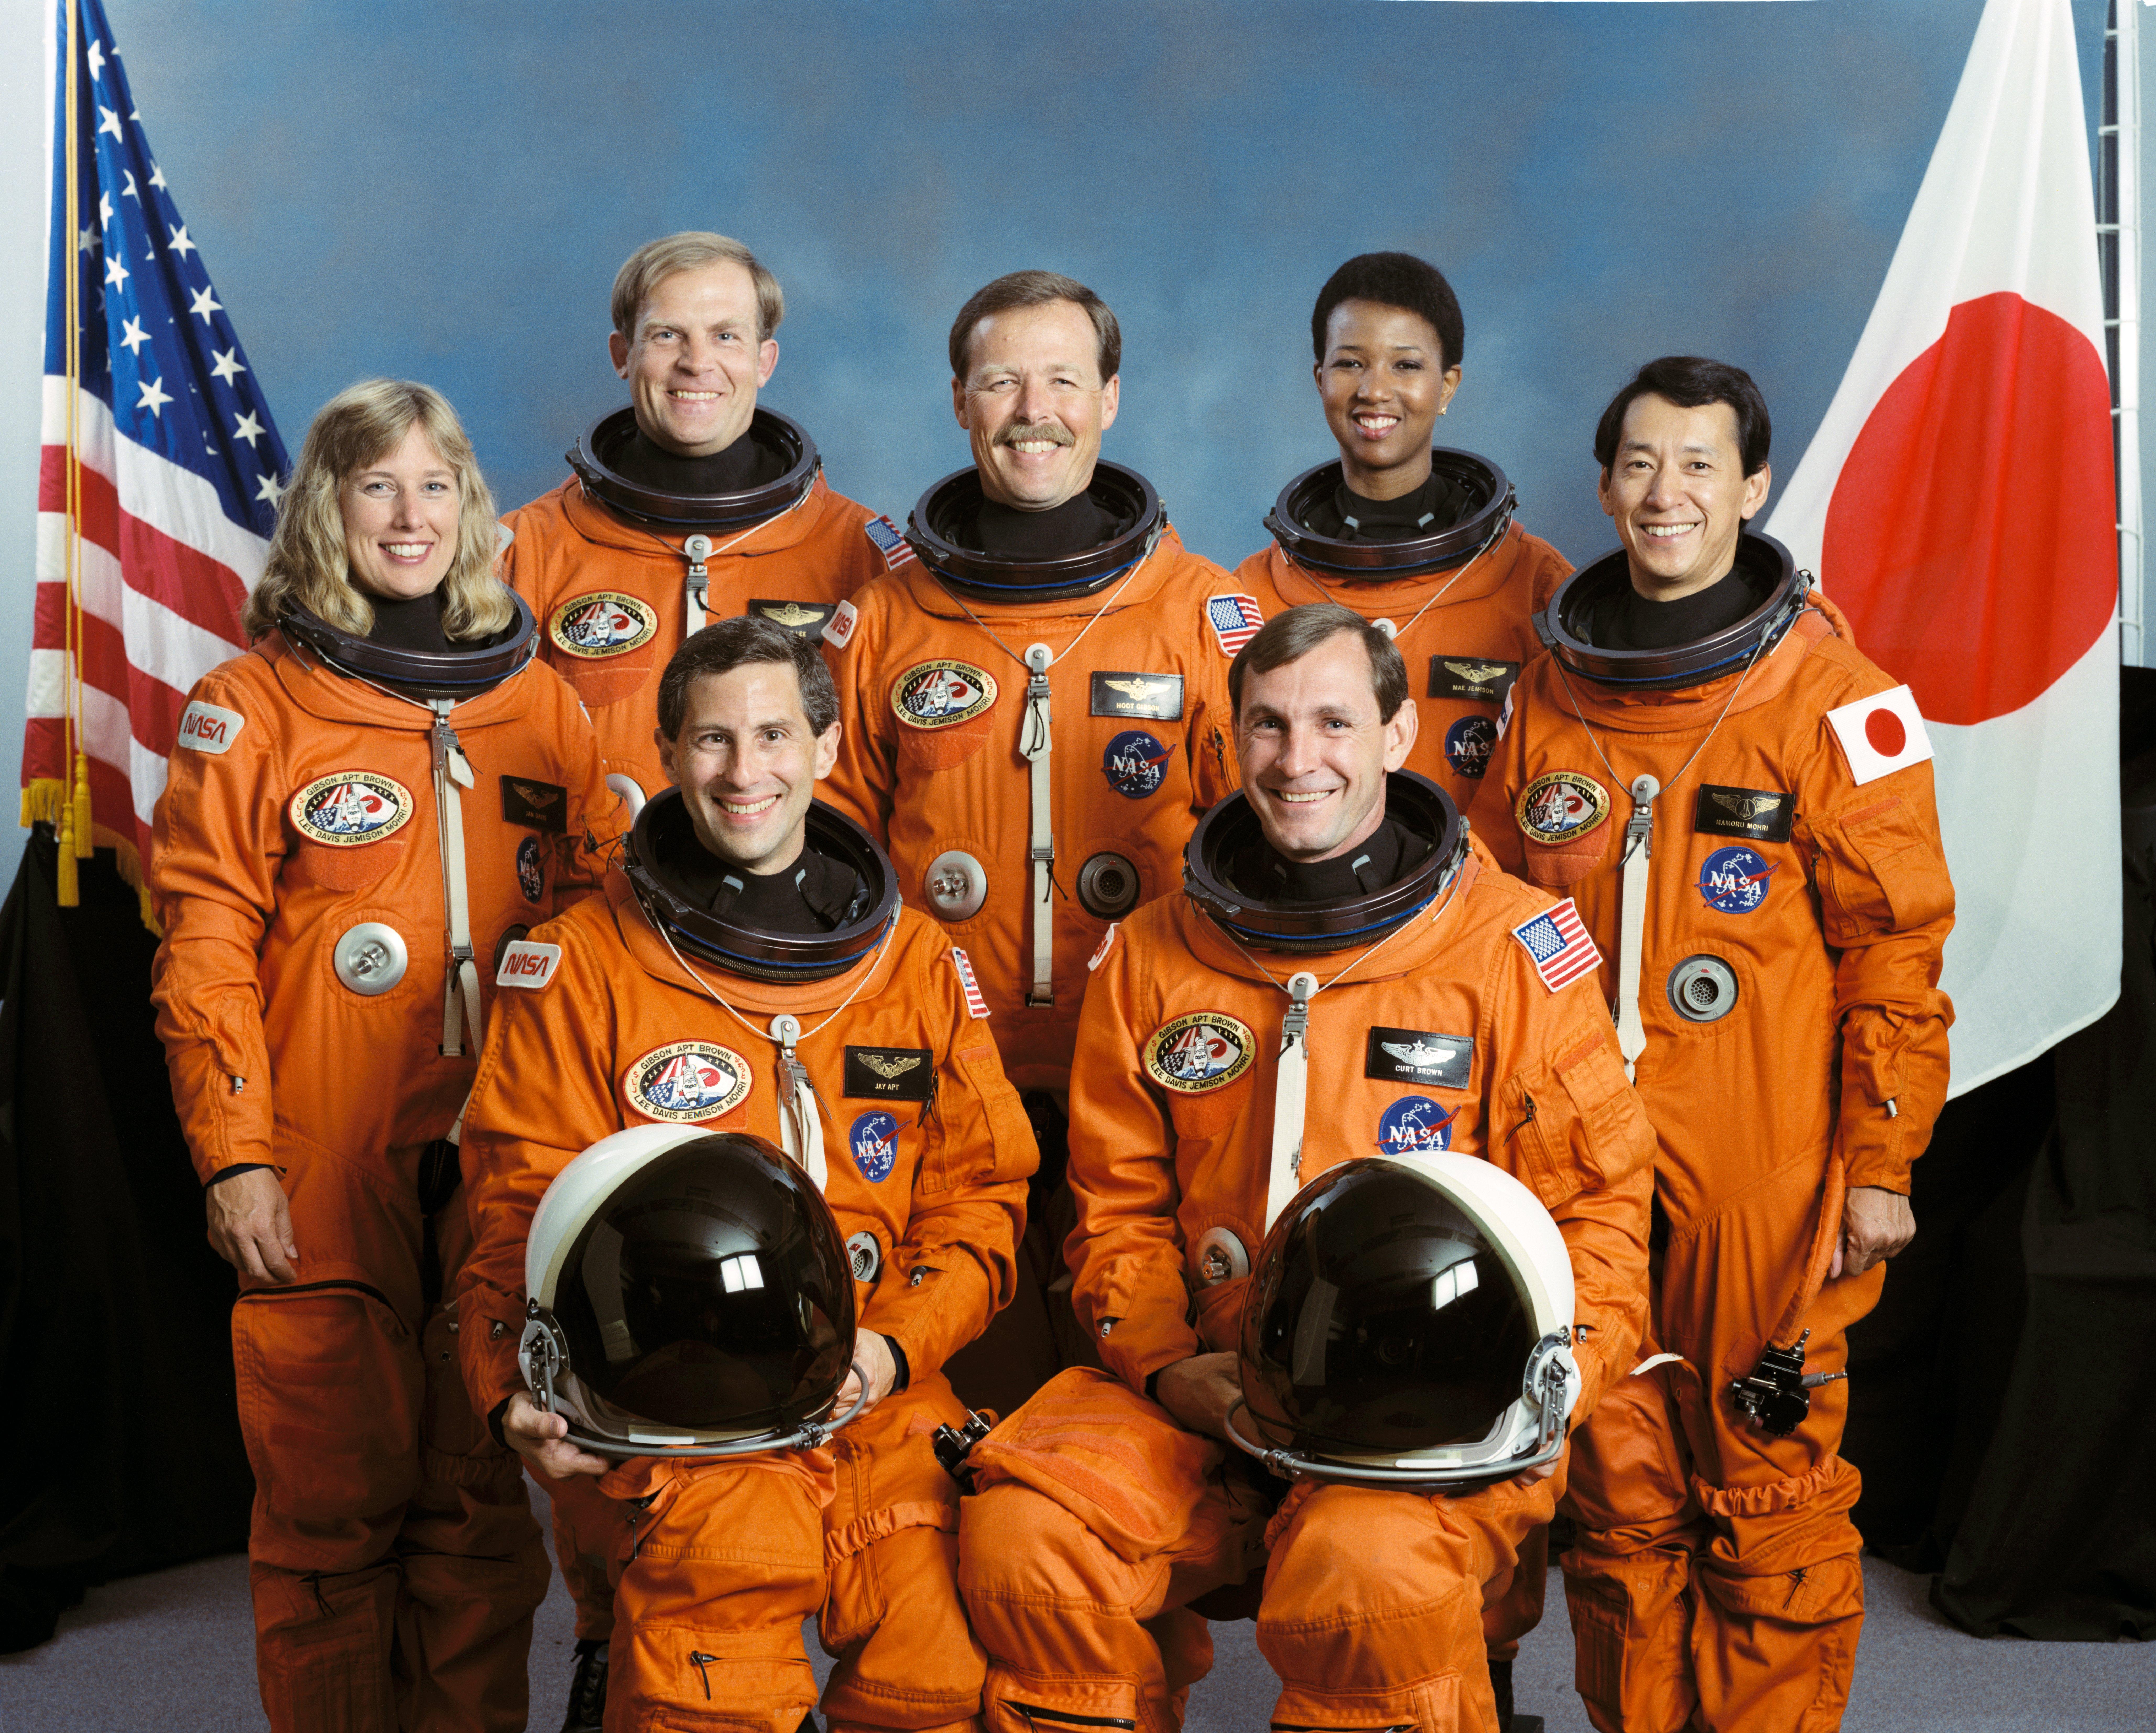 Mae Jemison Astronaut Suit Patches - Pics about space